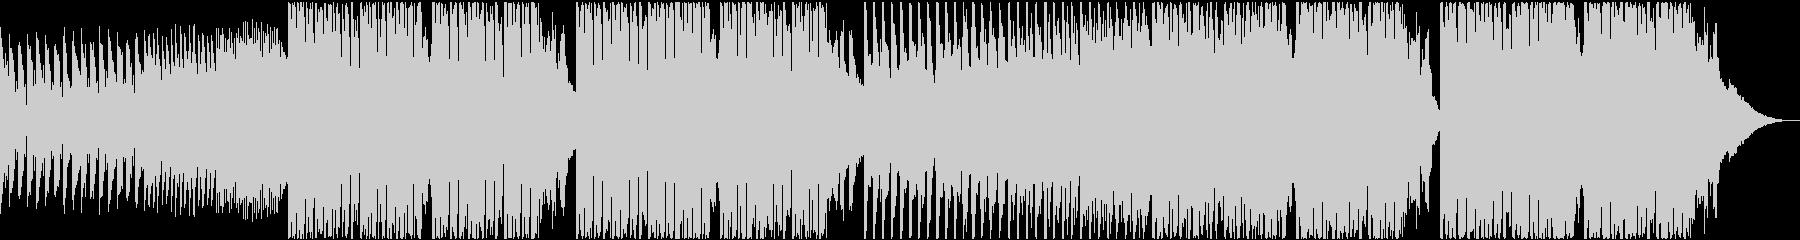 【EDM】パワー溢れるビッグフロア_01の未再生の波形